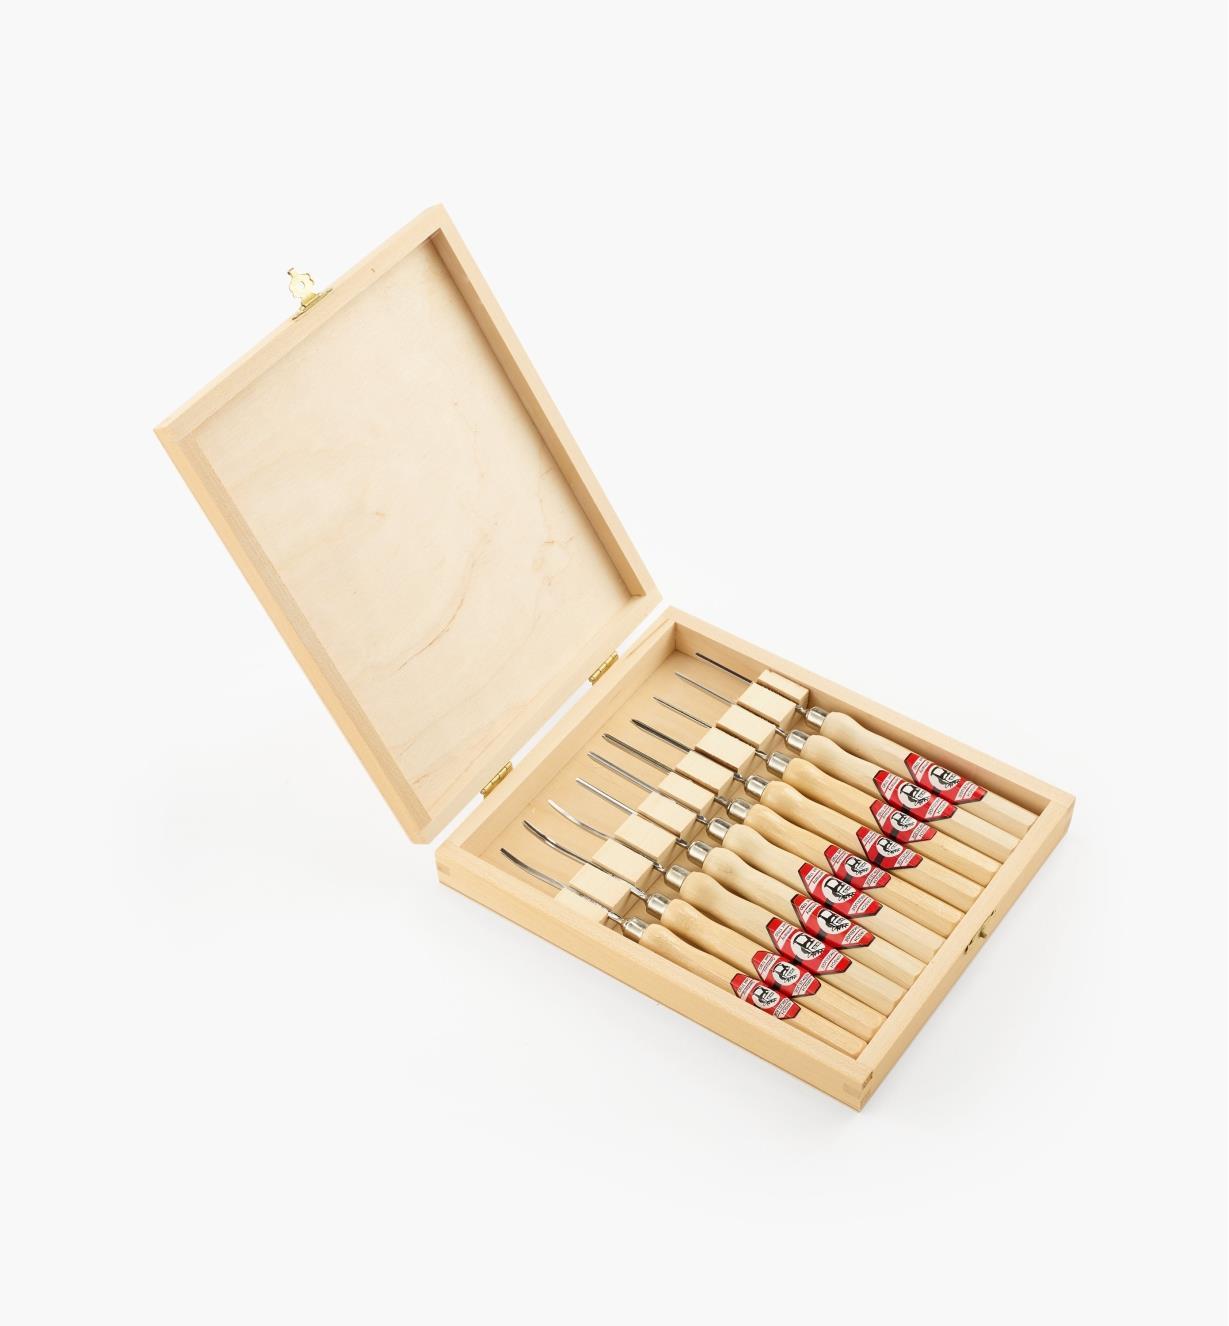 61S0020 - Outils de sculpture miniatures avec coffret, l'ensemble de 10